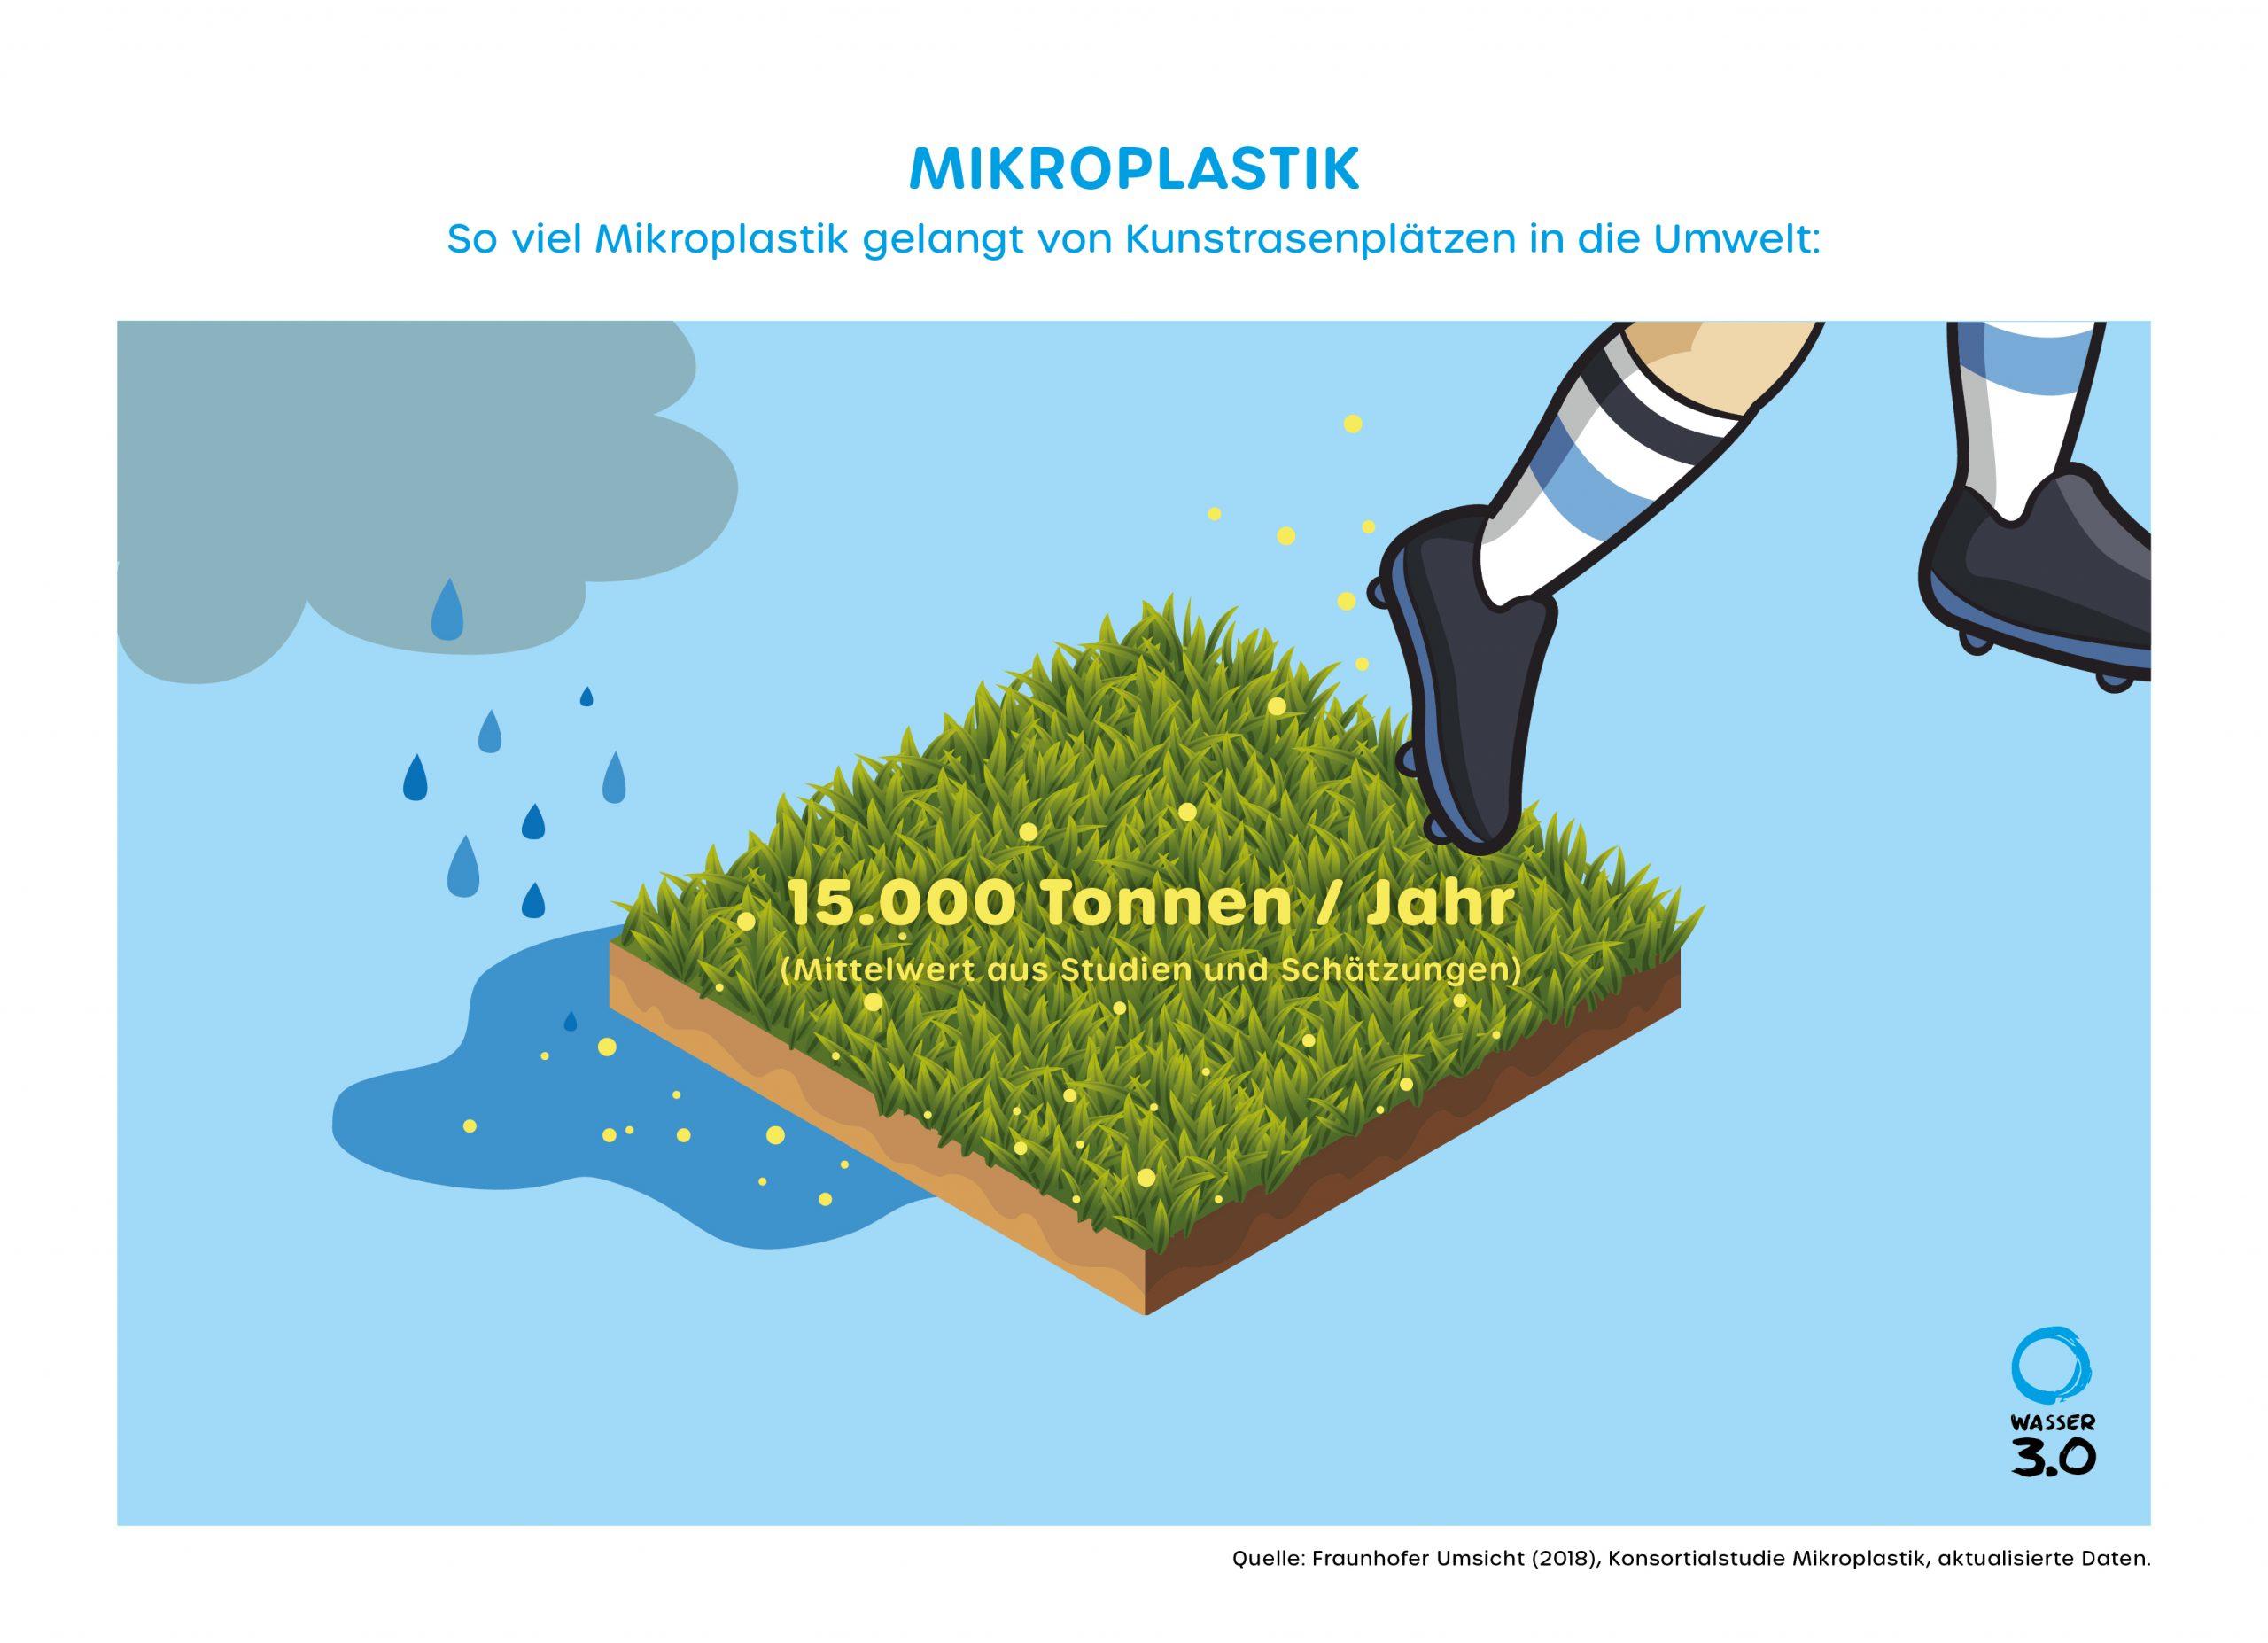 Mikroplastikeintrag in die Umwelt von Kunstrasenplätzen ist nicht zu unterschätzen.